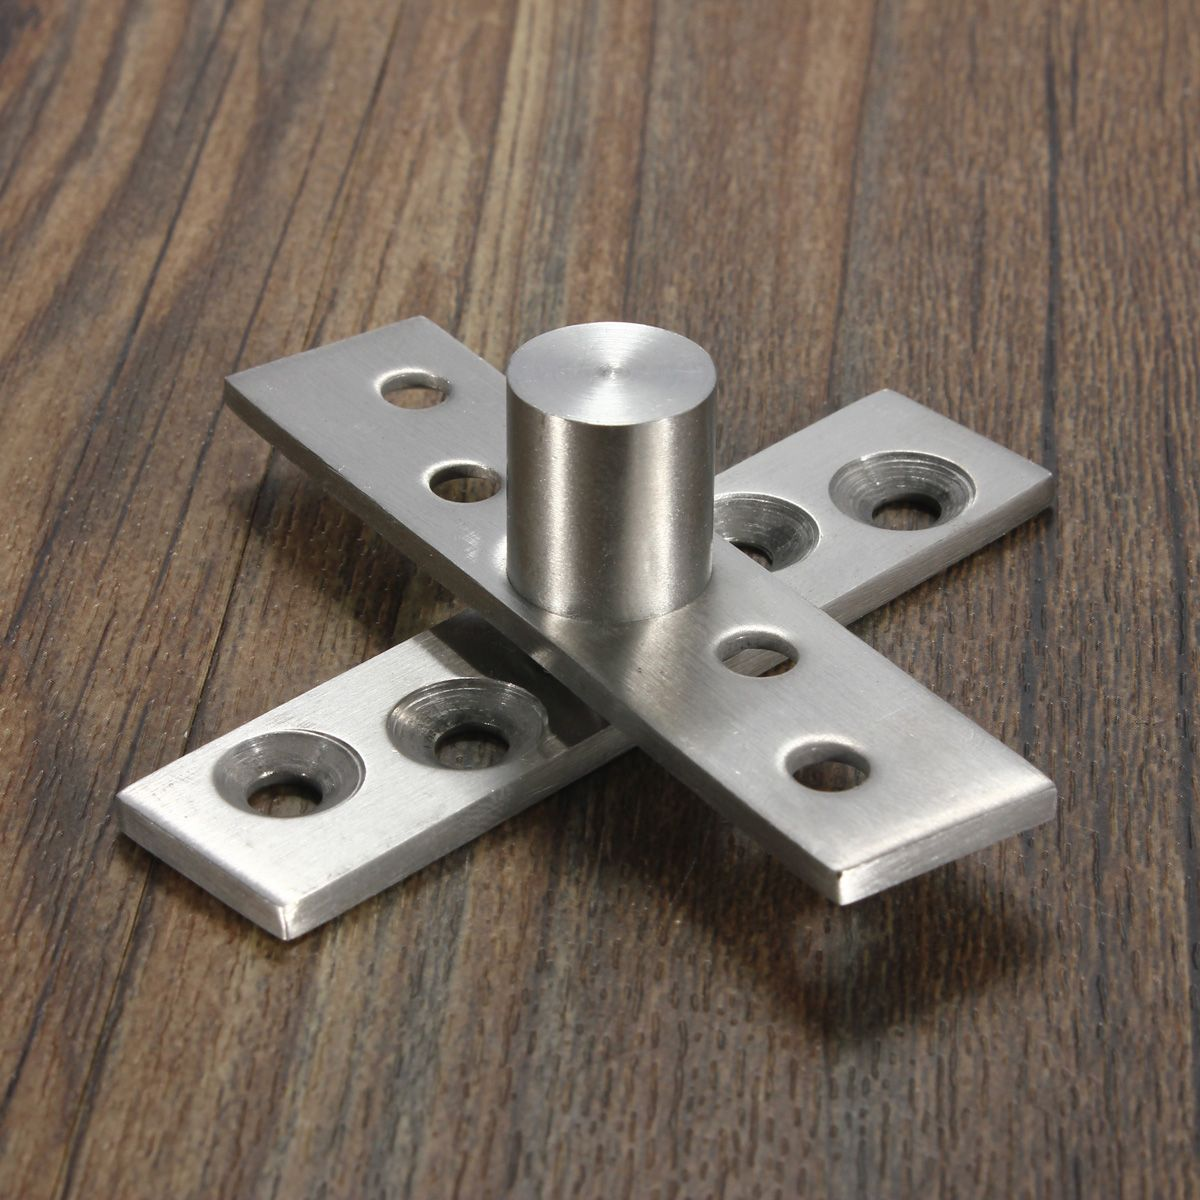 2pcs 360 Degree Door Pivot Hinge Hardware Silver 74mm Length Door Hardware Interior Wooden Glass Door Door Hardware